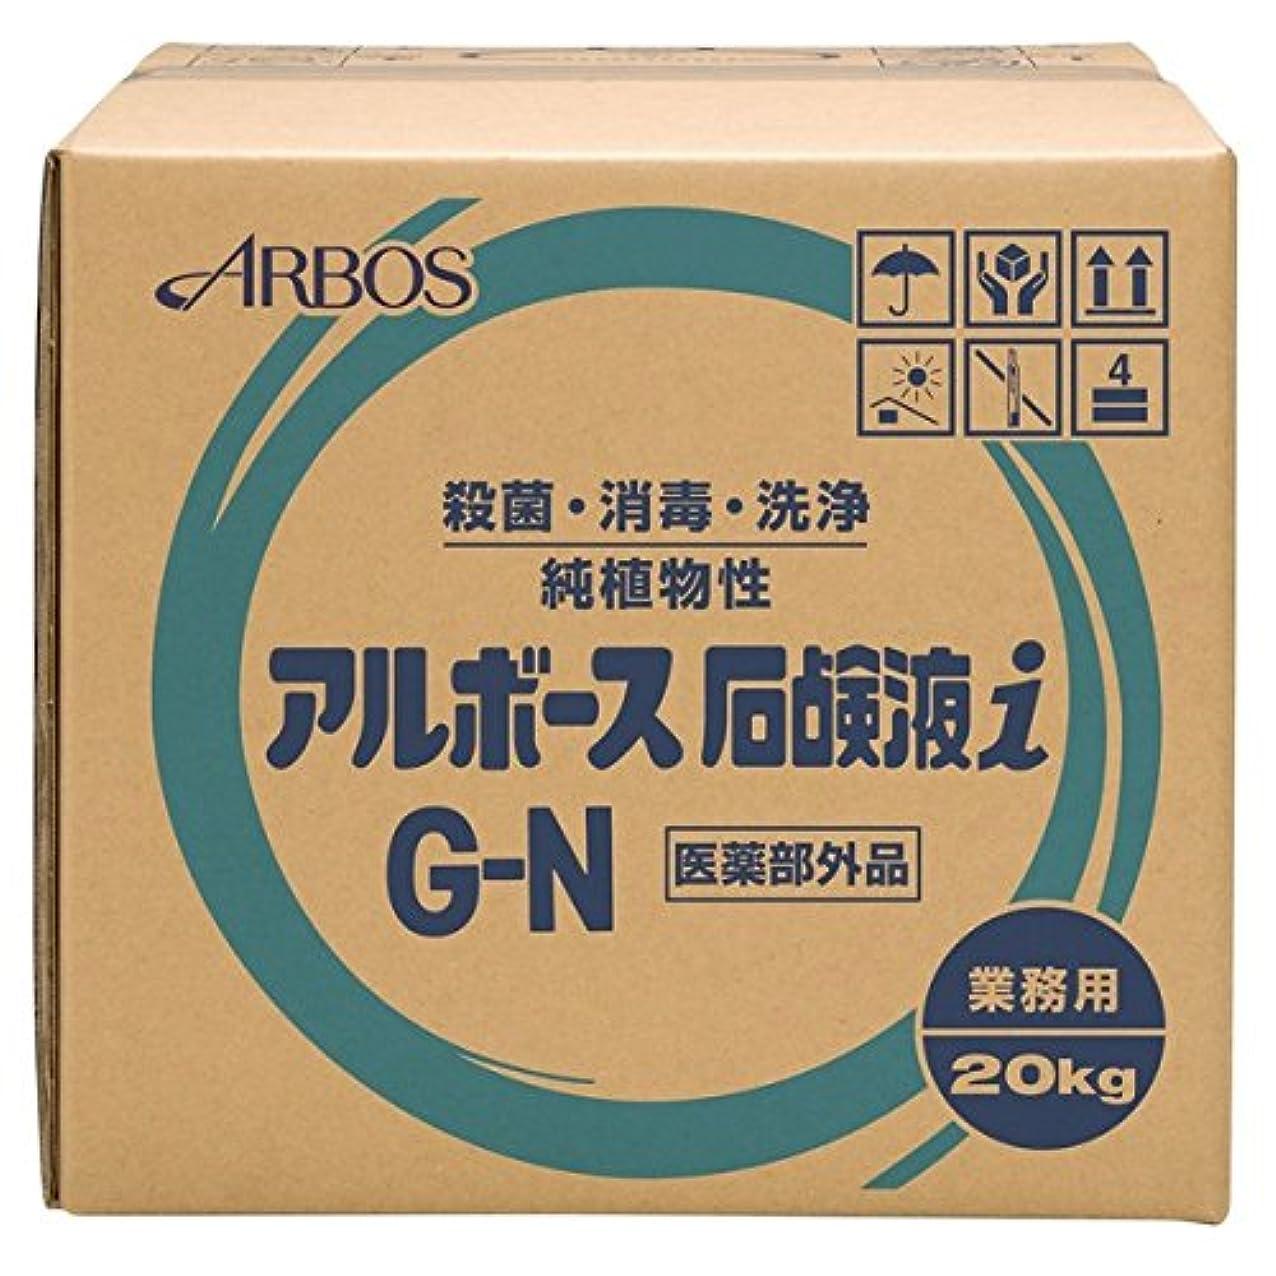 ジョリー誠意貞アルボース 薬用ハンドソープ アルボース石鹸液i G-N 濃縮タイプ 20kg